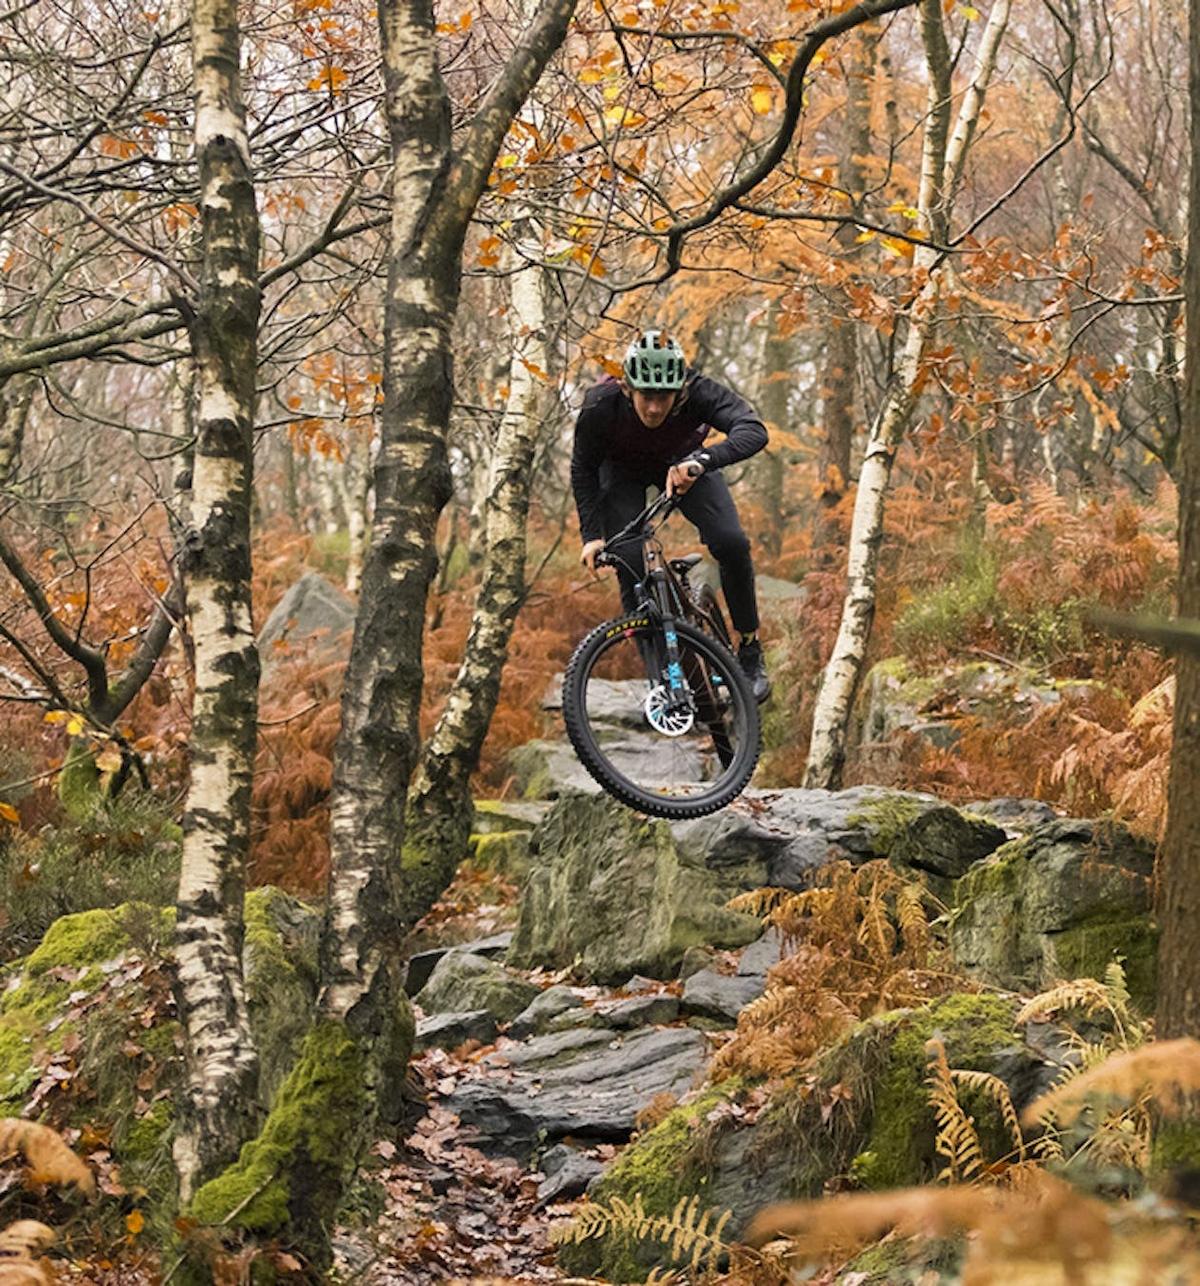 Craig Evans et son hardtail Chameleon sur un rocher et dans un chemin couvert de feuilles